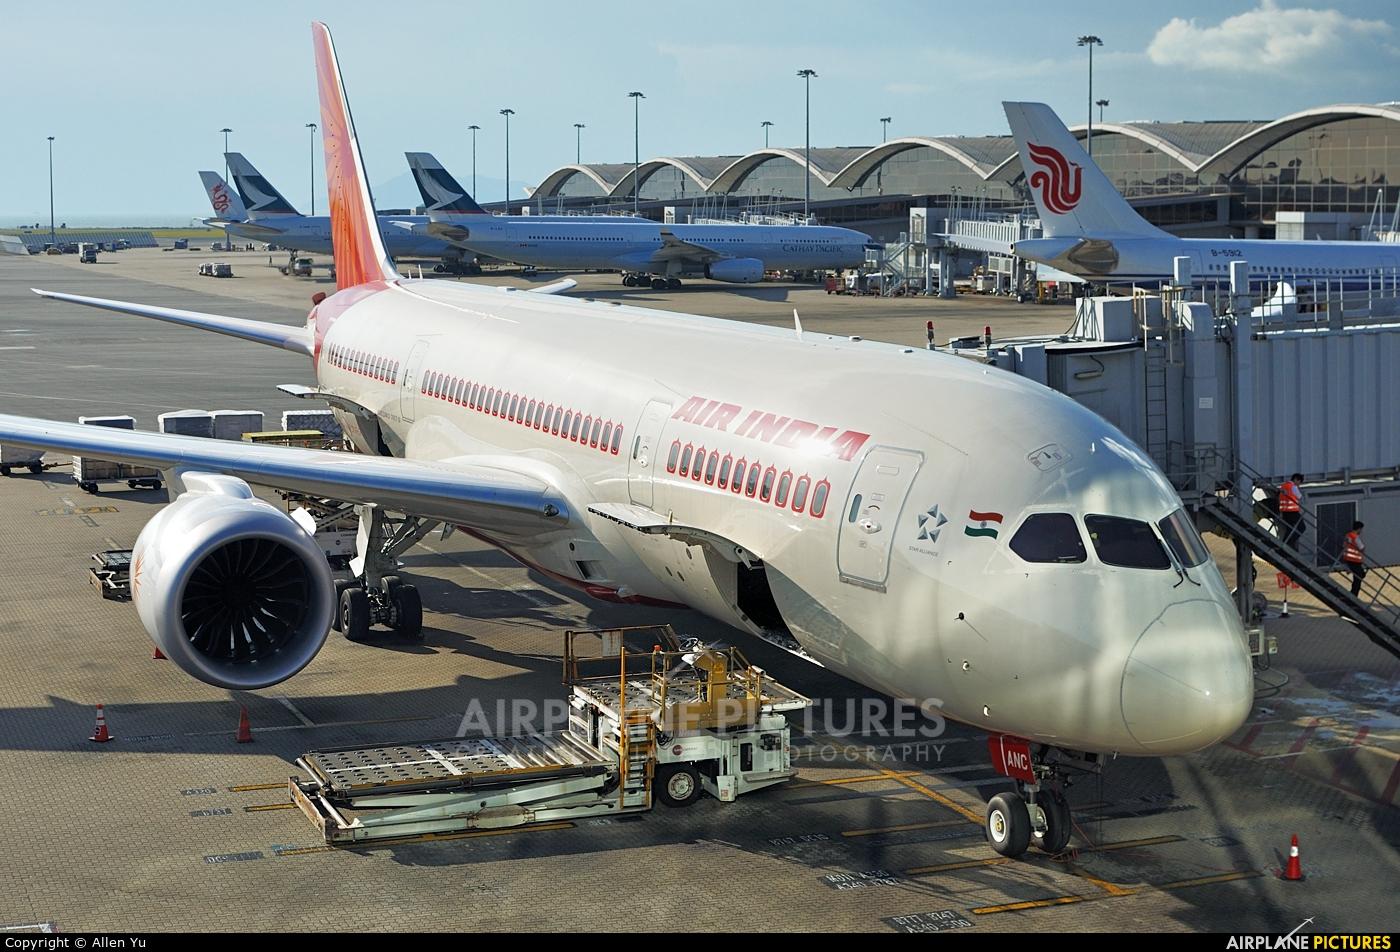 Air India VT-ANC aircraft at HKG - Chek Lap Kok Intl